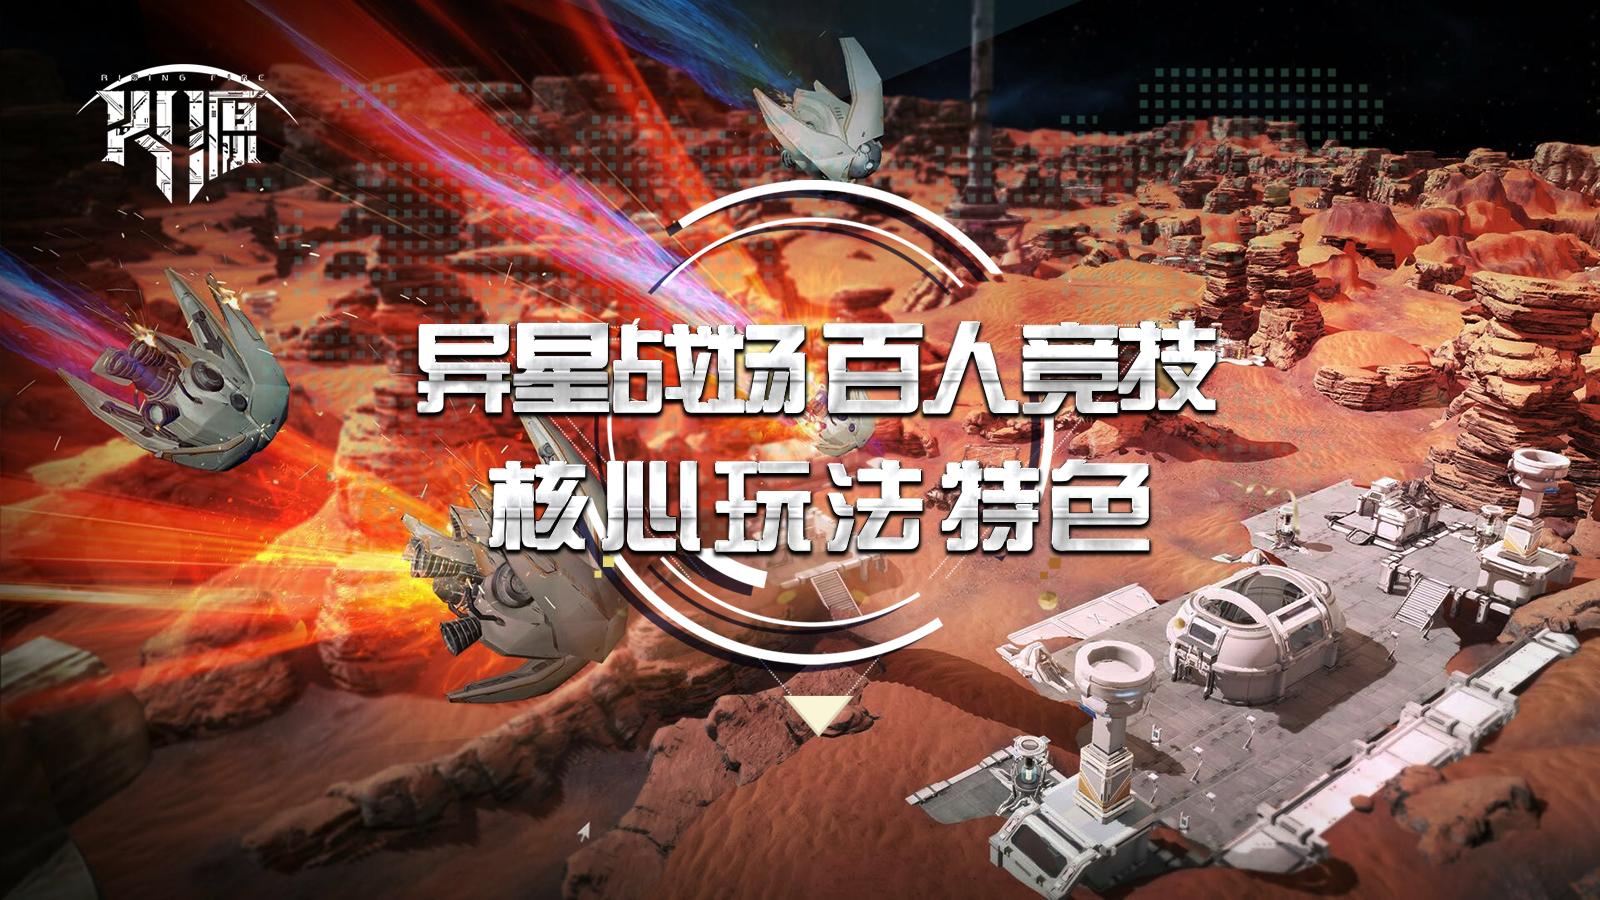 《火源异星战场》百人竞技玩法特色展示